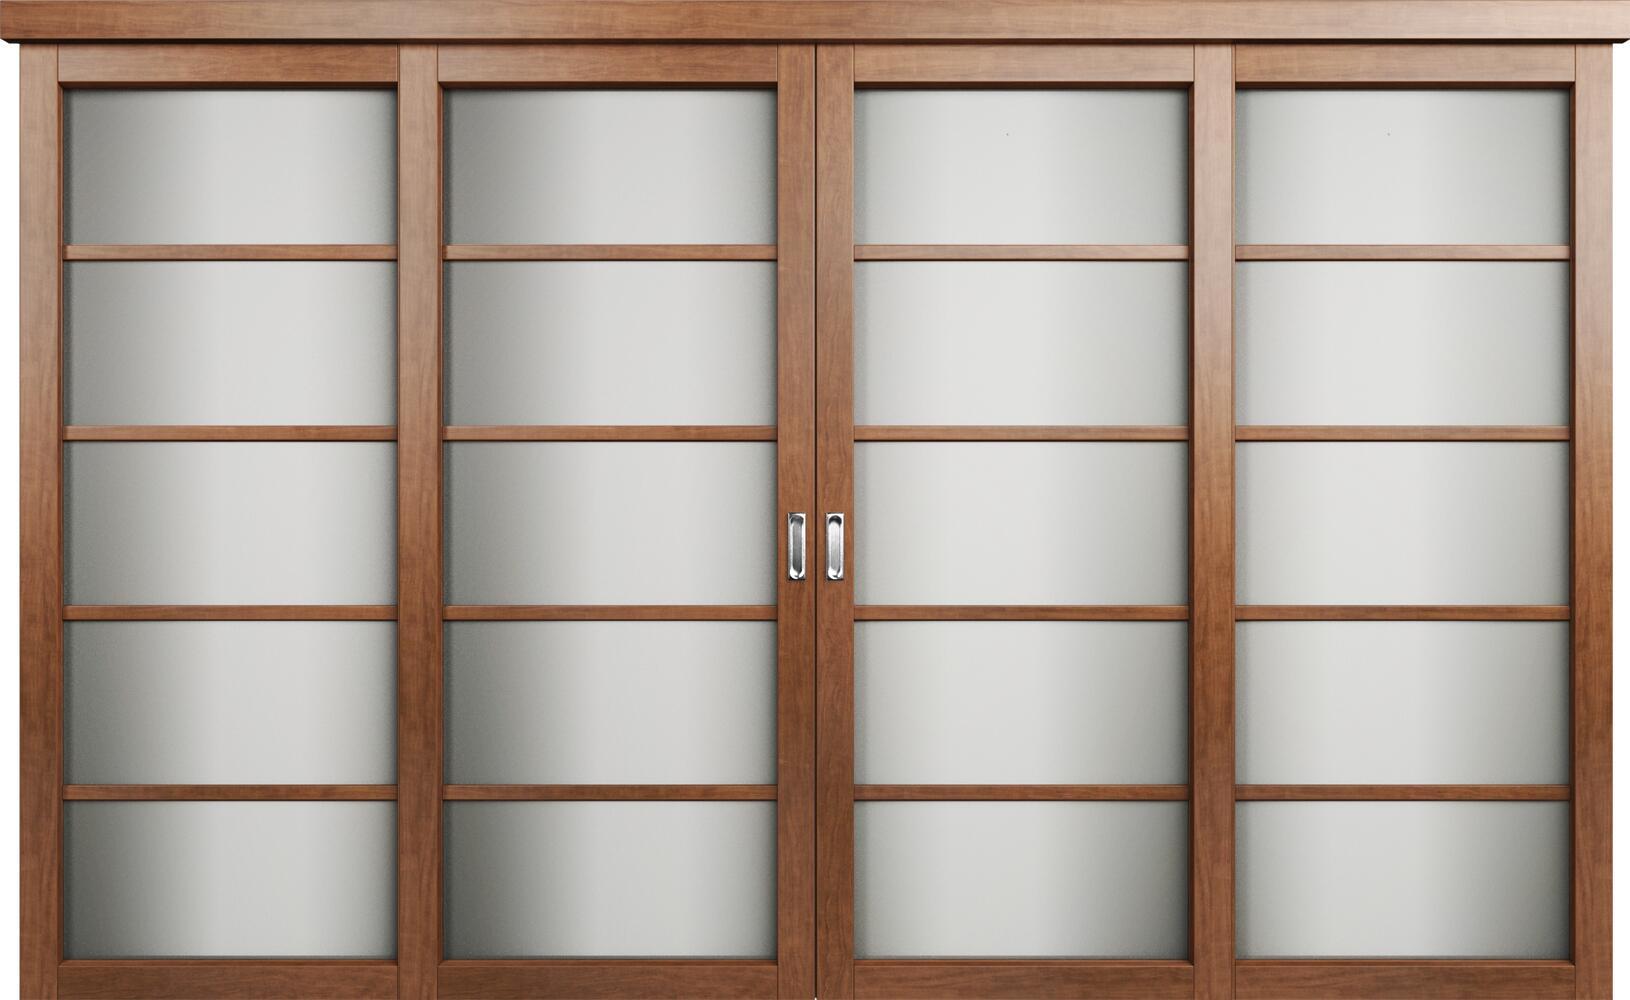 Коллекция Перегородки Двухполосная раздвижная система для 4-х полотен. Тип 1 Анегри + Сатинато белое